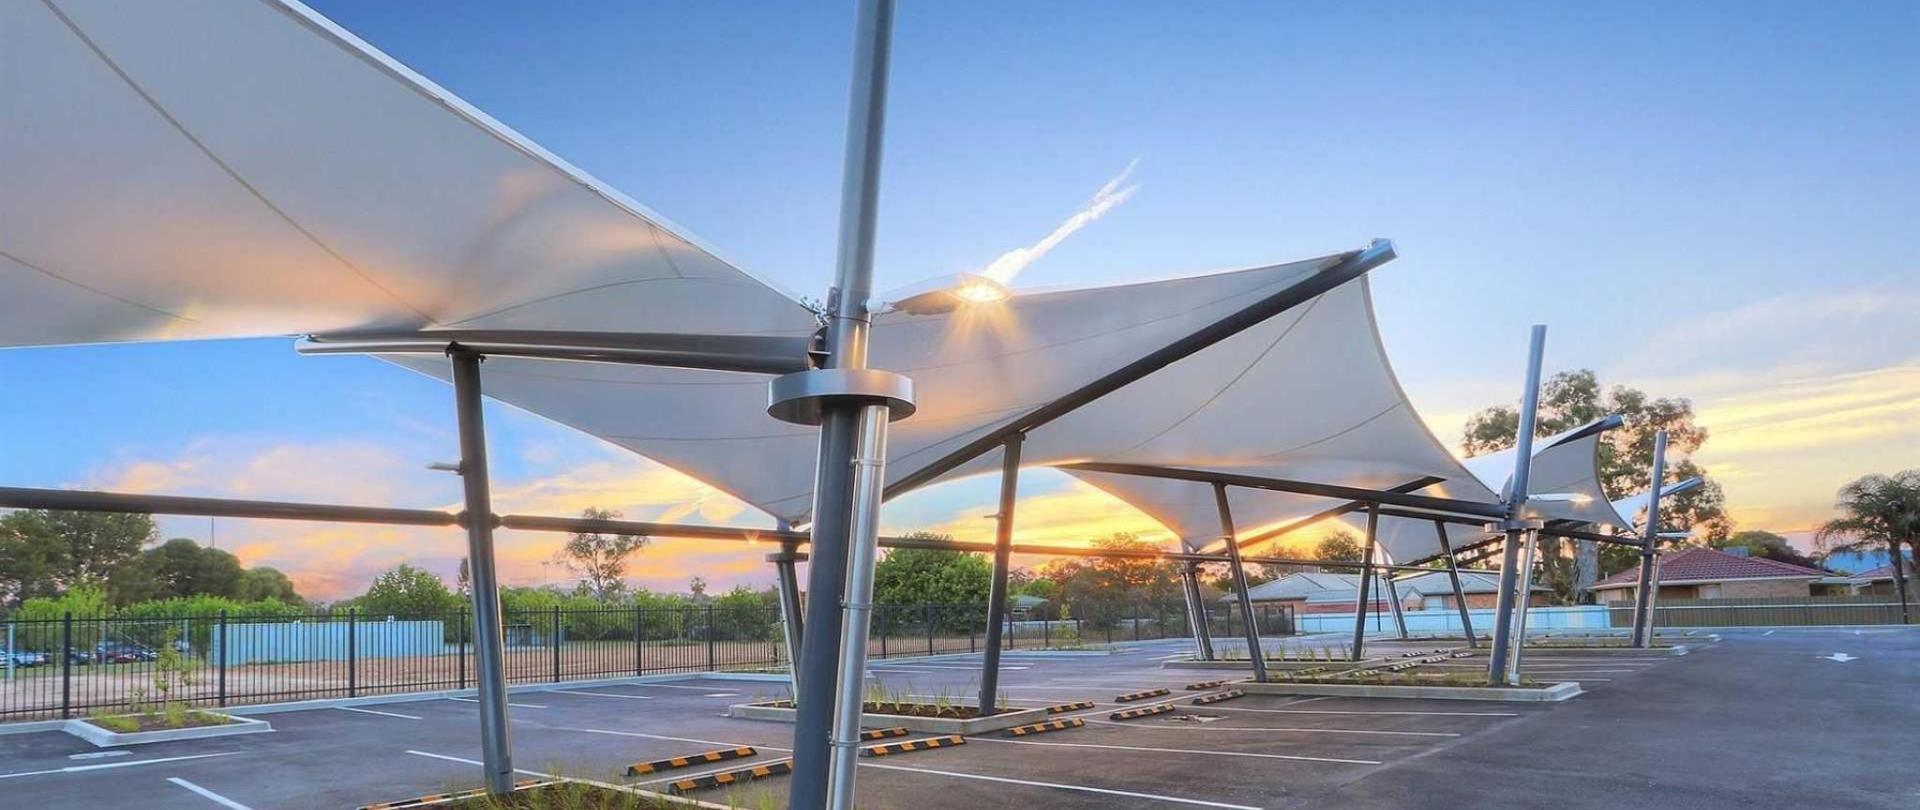 carpark-at-sunset.JPG.1920x0.JPG